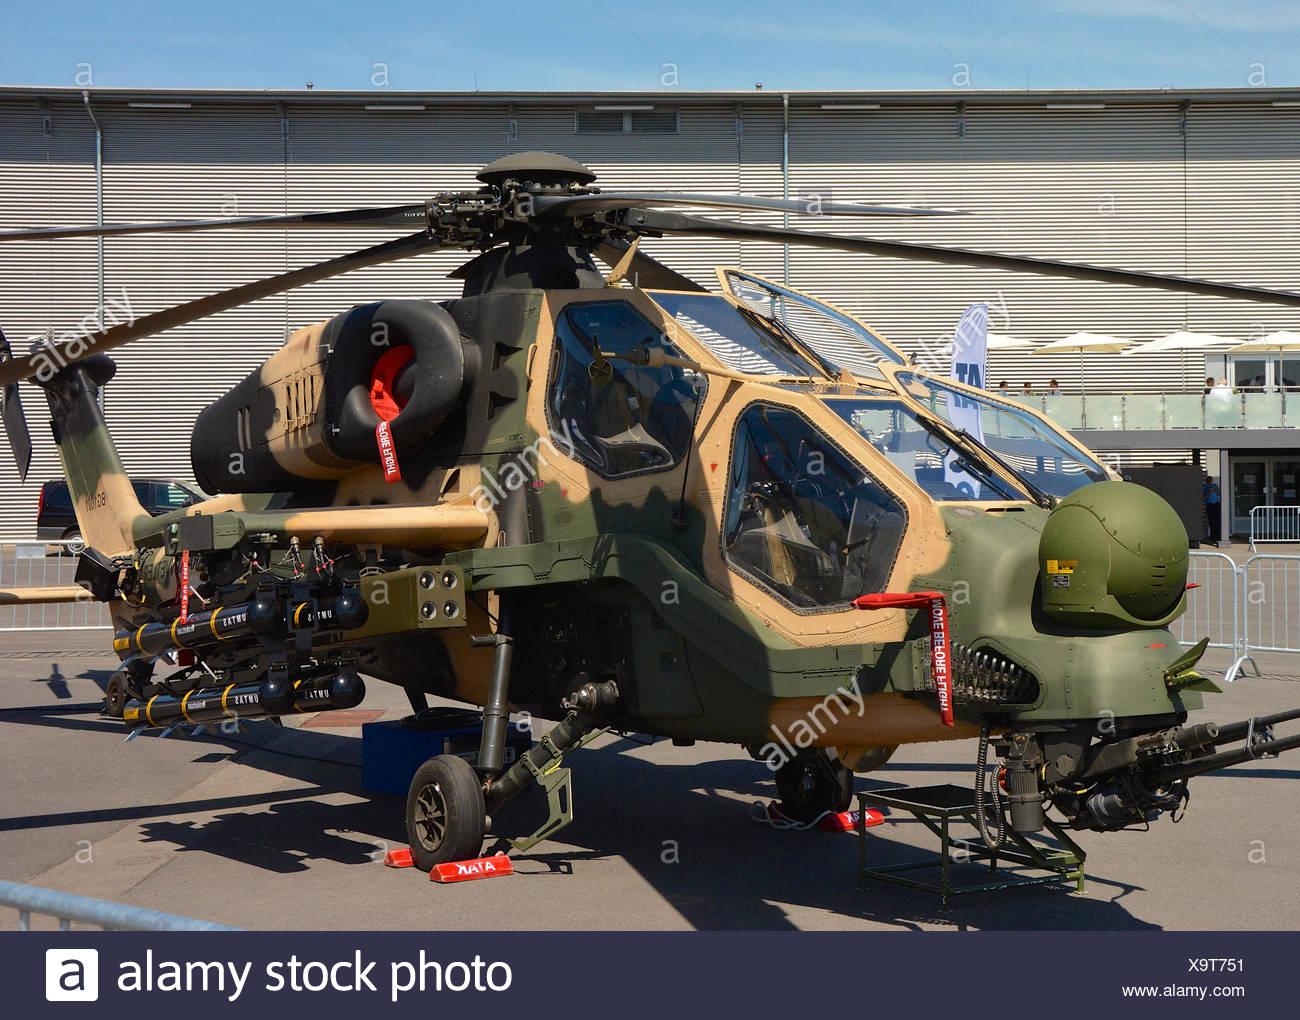 Elicottero T 129 : Esercito turco attac elicottero t129 atak foto & immagine stock